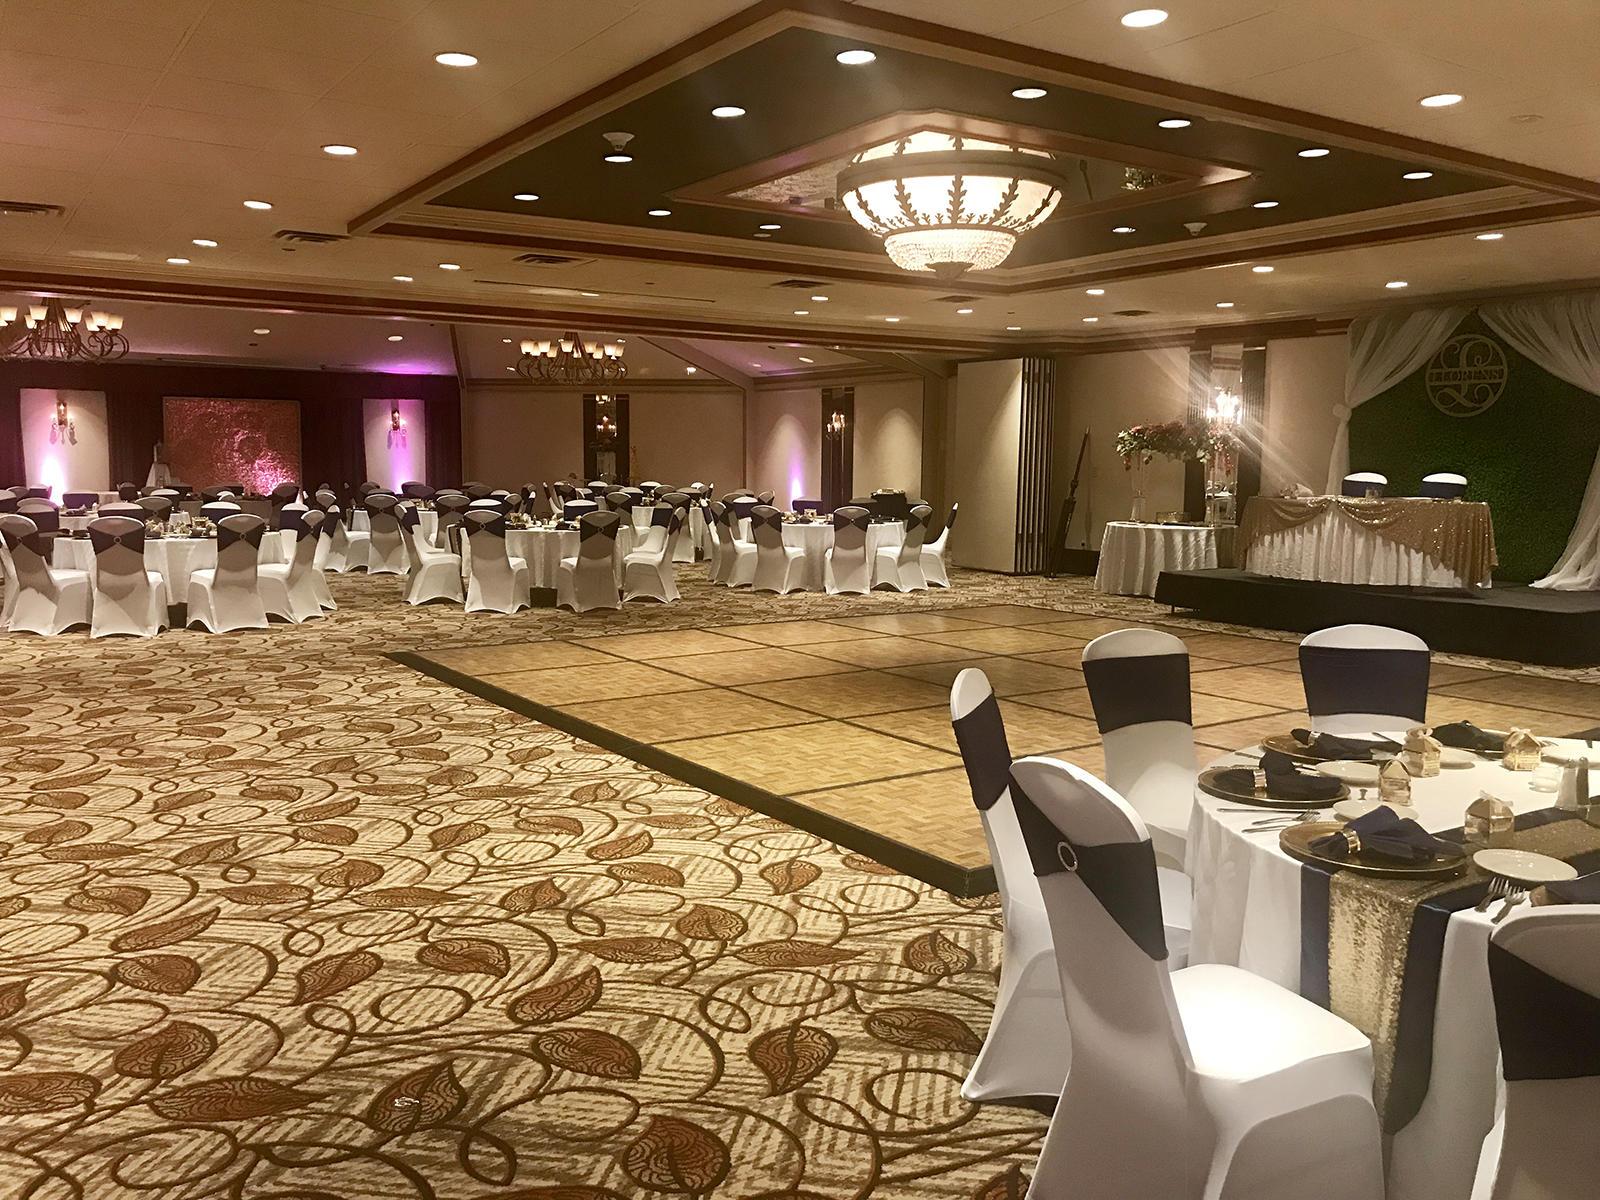 wedding reception venue with dance floor